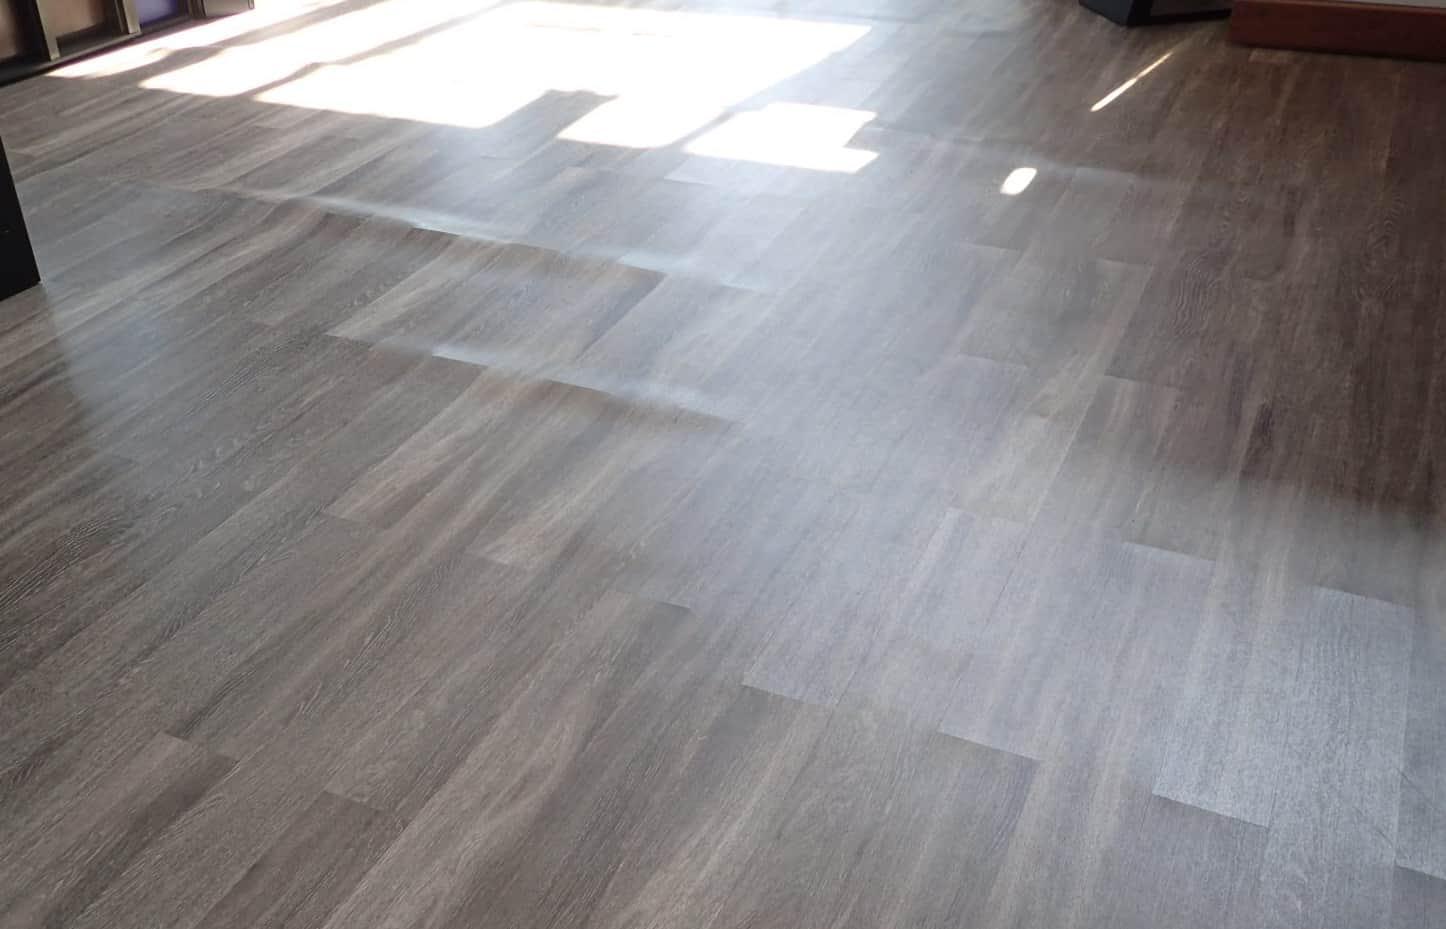 warping vinyl floor